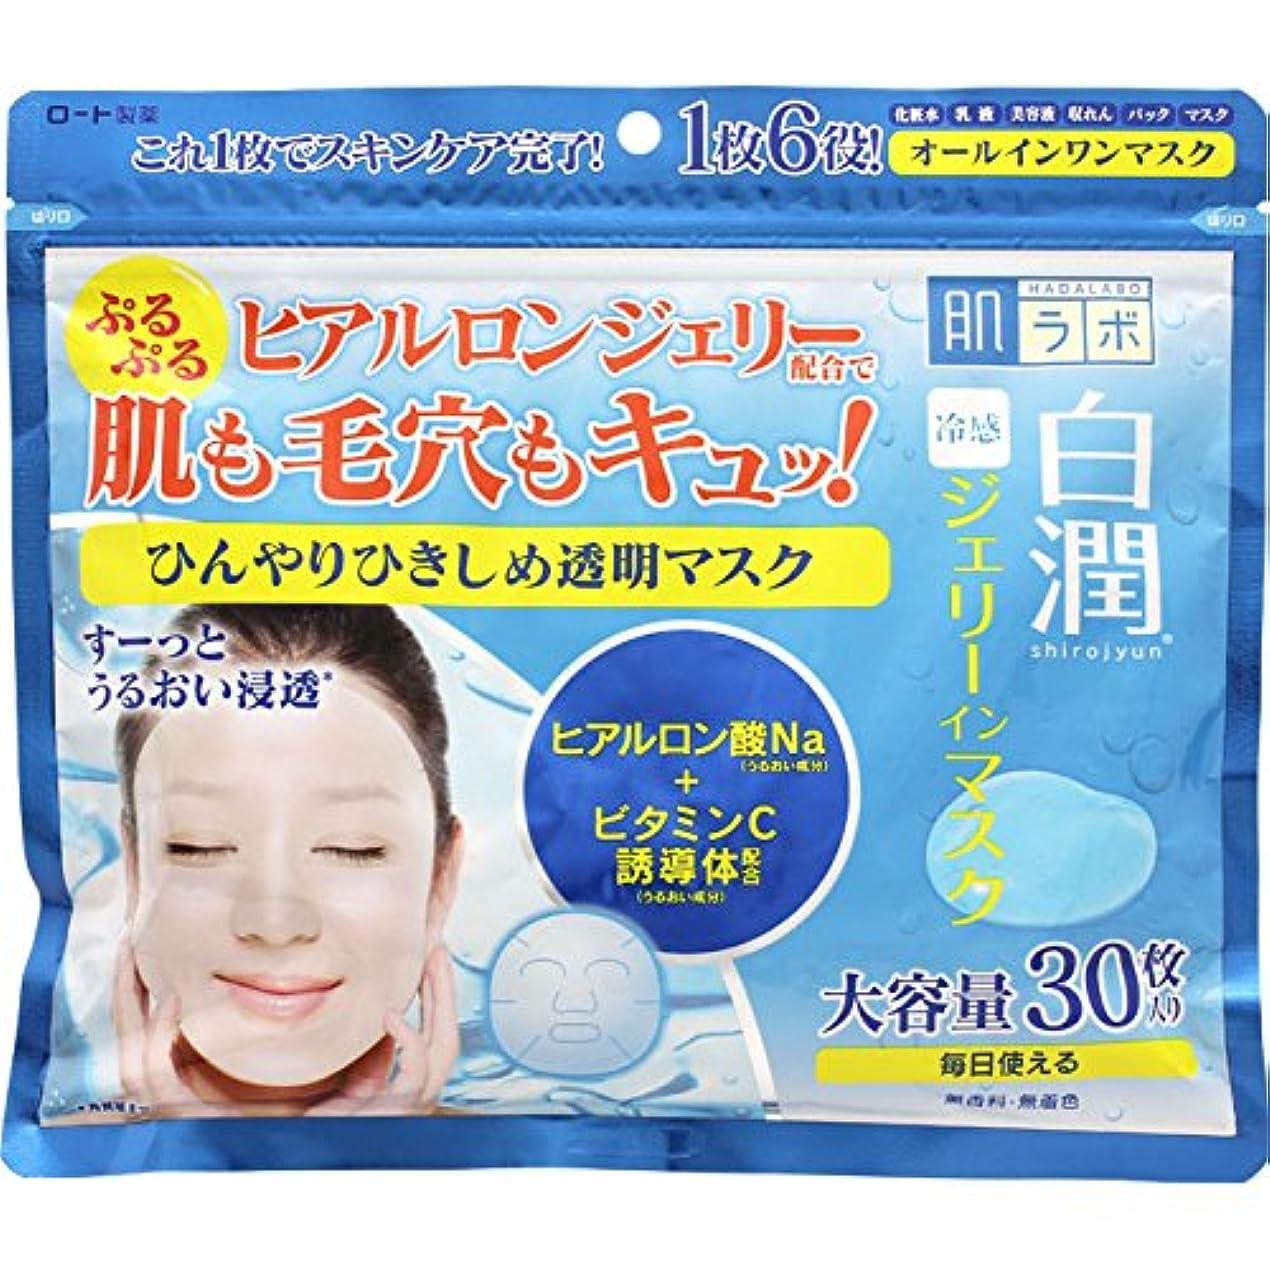 注意ボス討論肌ラボ 白潤 冷感ジェリーインマスク 化粧水?乳液?美容液?収れん?パック?マスクの1枚6役 大容量30枚